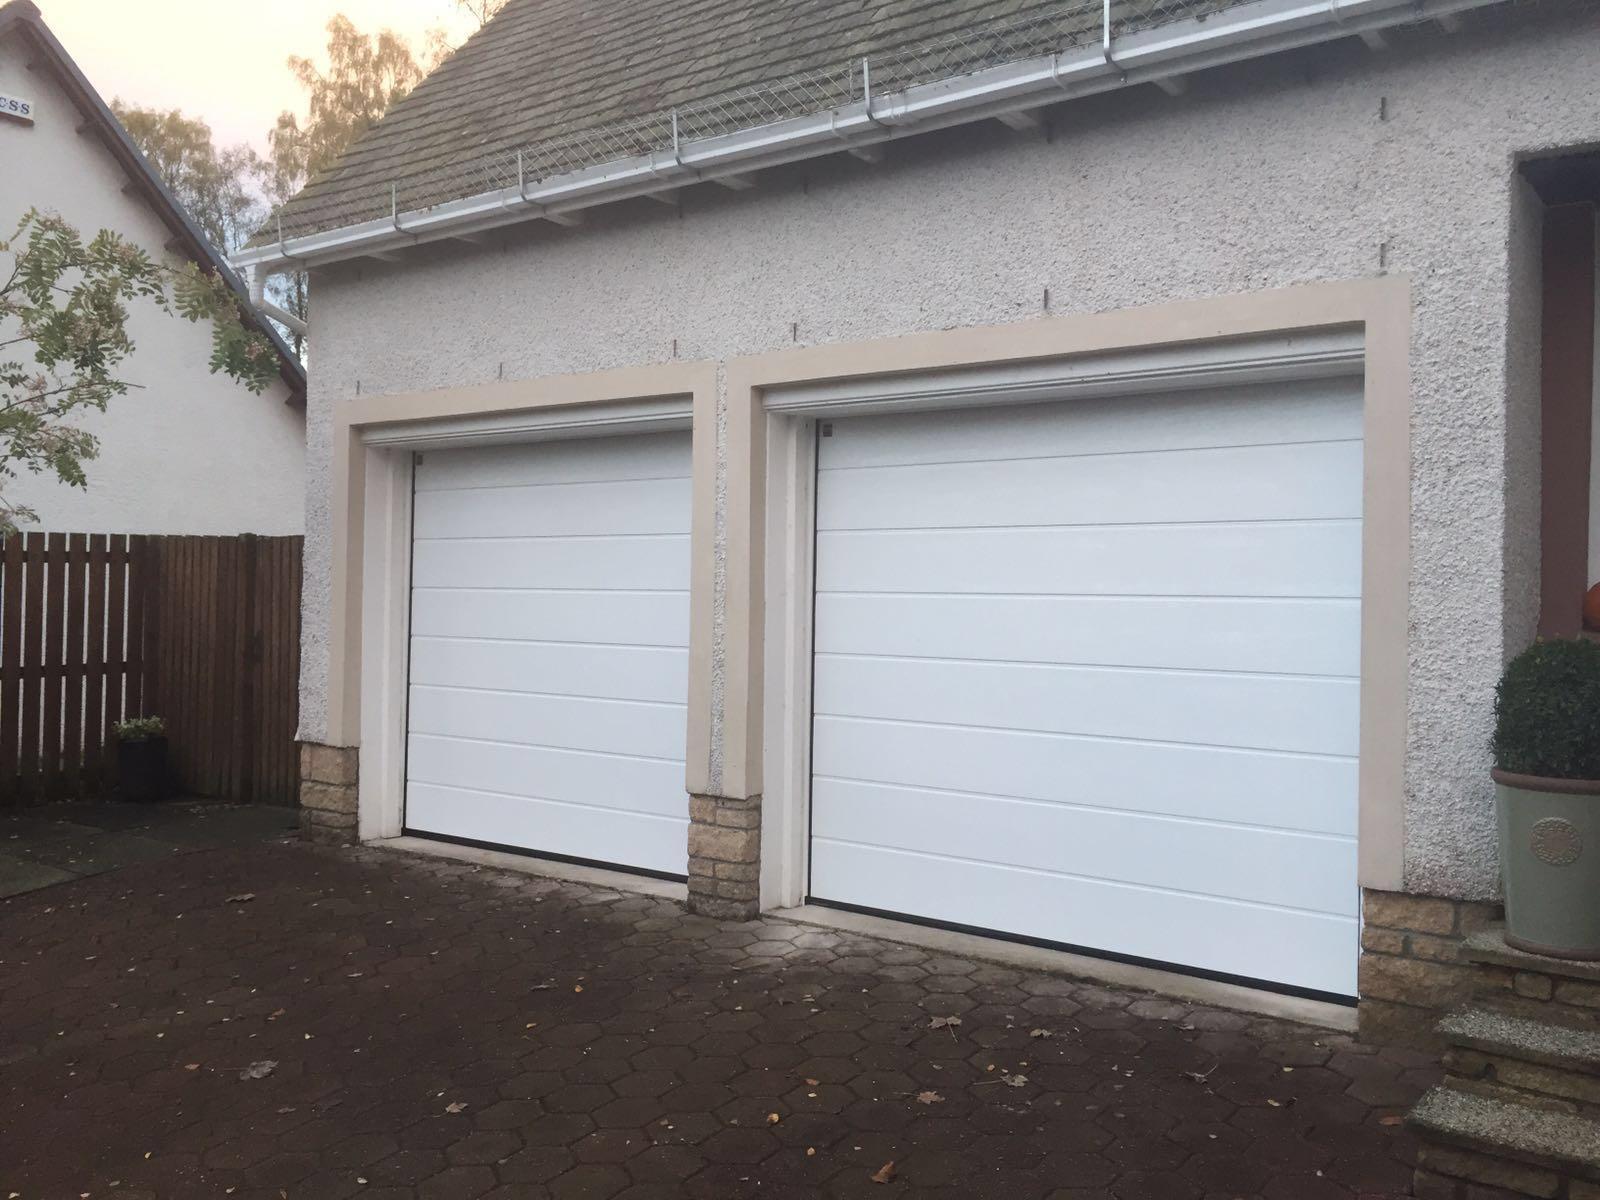 1200 #766555 Garage Door Company (Scotland) Doors & Shutters (sales And  picture/photo Garage Doors Companies 36091600